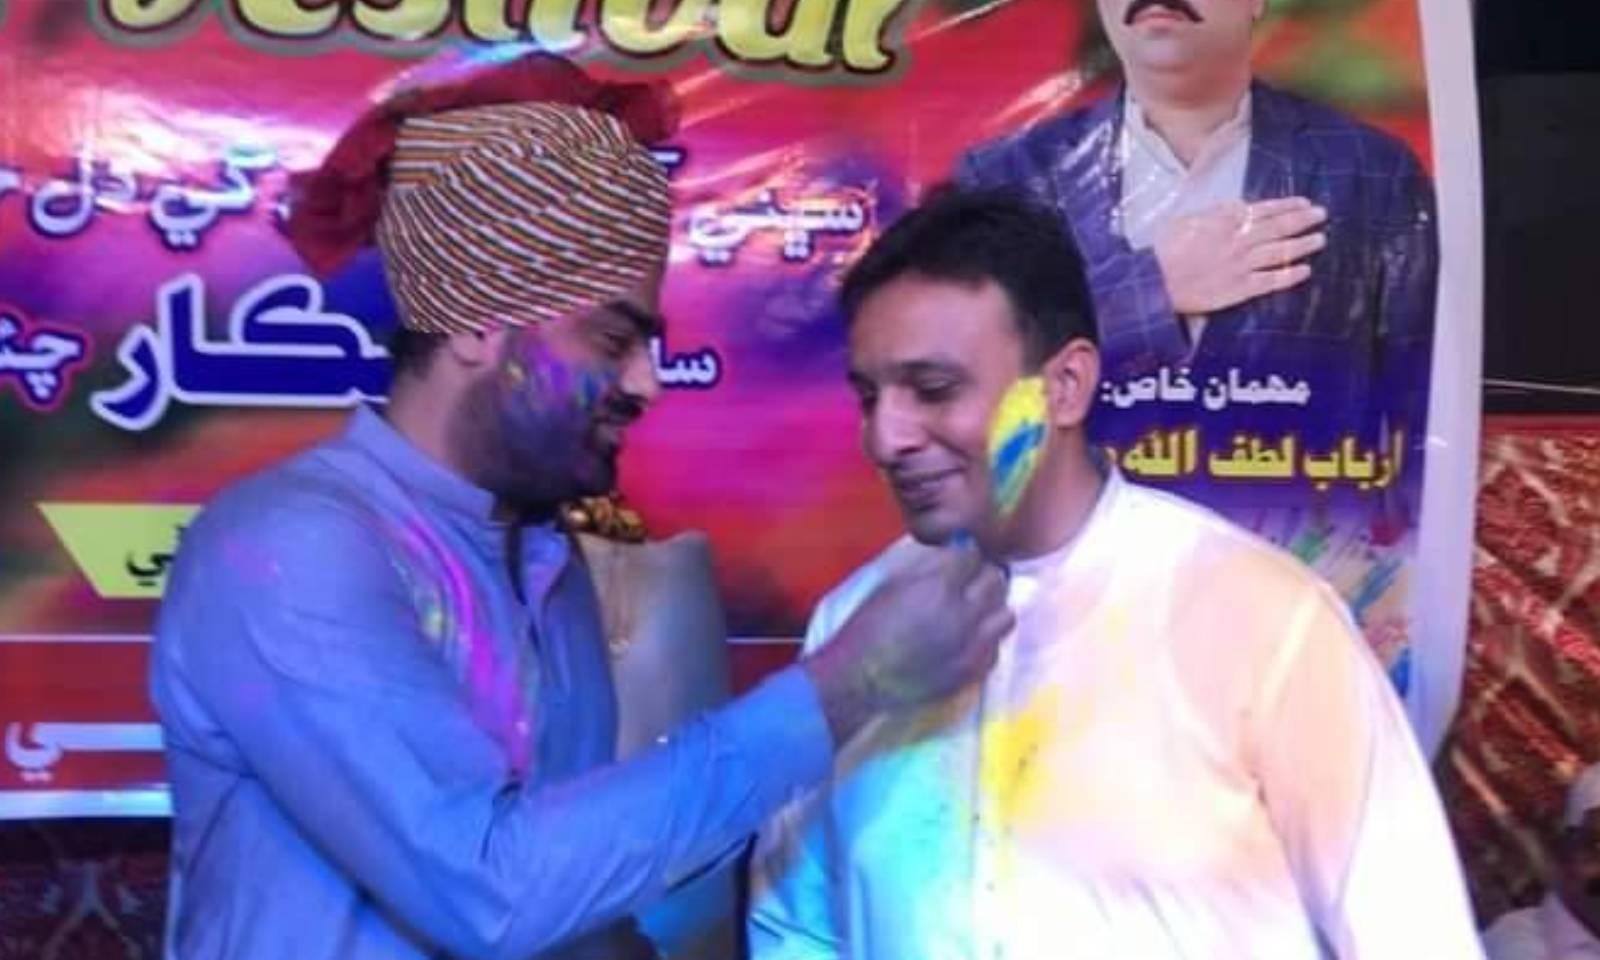 تقریب میں شریک افراد نے ایک دوسرے پر رنگ ڈال کر خوشی منائی —فوٹو: امتیاز دھارانی